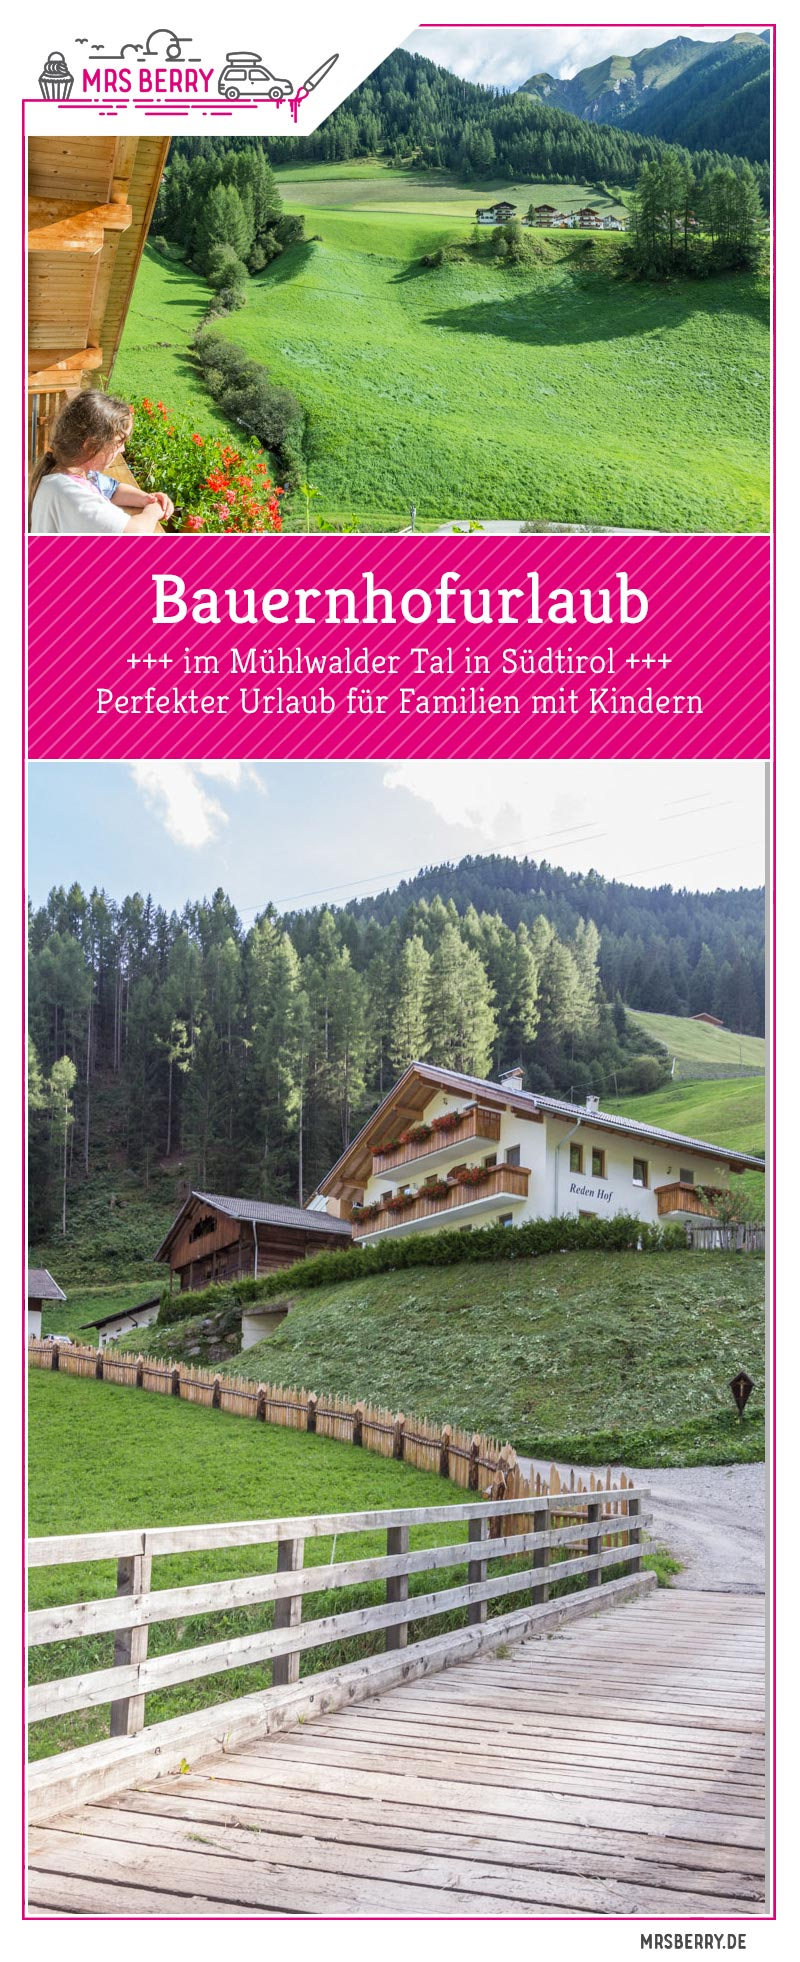 Bauernhofurlaub in Südtirol mit Roter Hahn | Urlaub auf dem Reden Hof Bauernhof im Mühlwalder Tal | Reisebericht MrsBerry Familienblog & Reiseblog